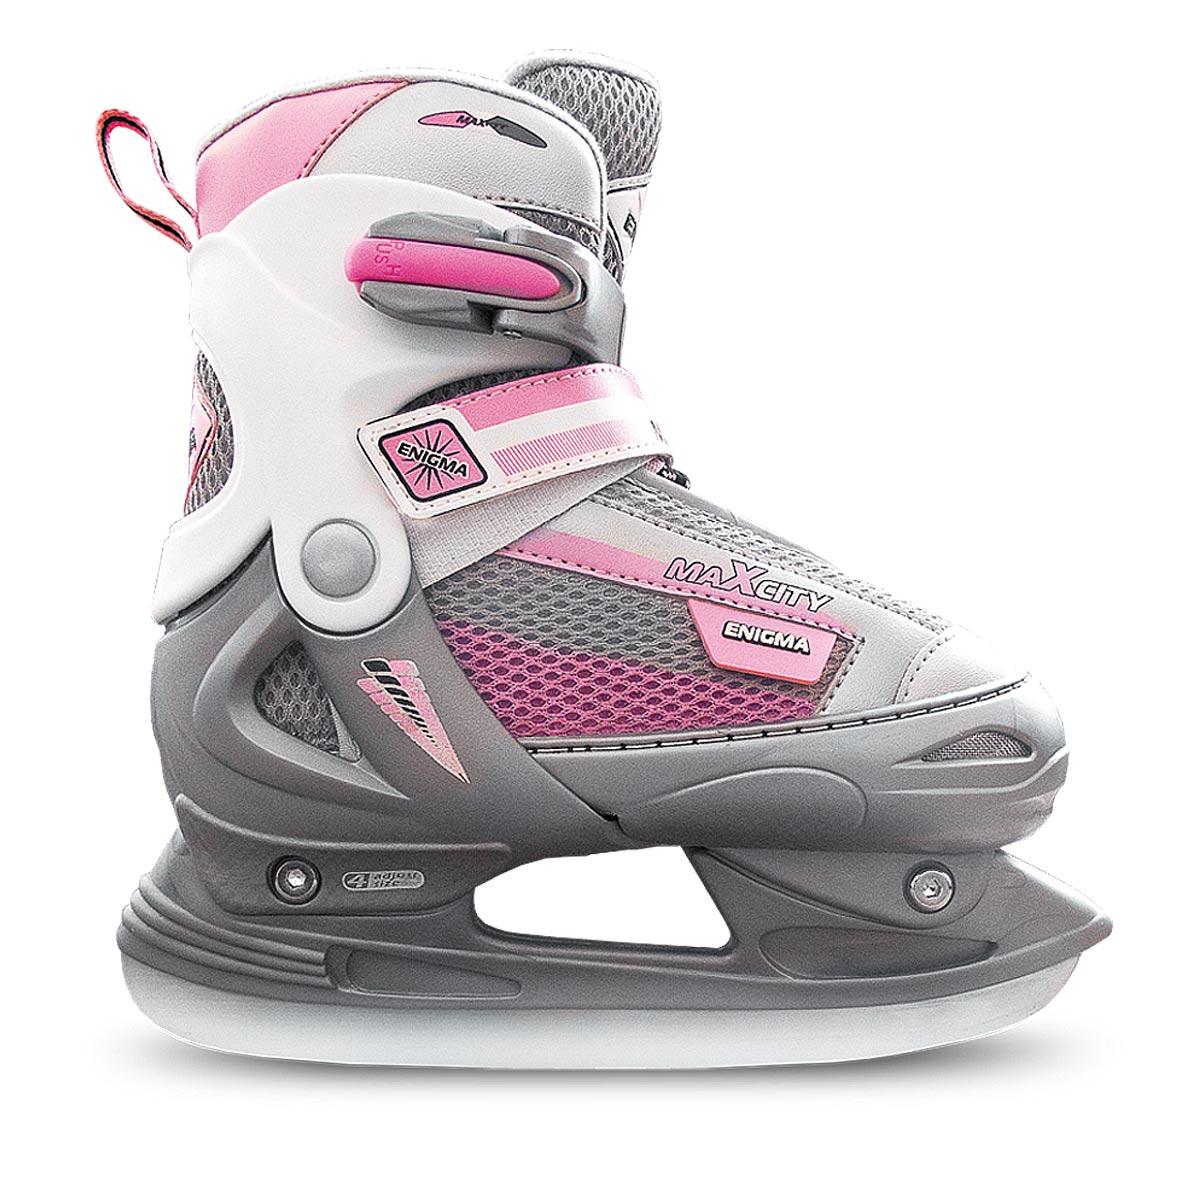 Коньки ледовые женские MaxCity Enigma girl, раздвижные, цвет: розовый, серый. Размер 38/41ENIGMA girl_розовый, серый_38-41